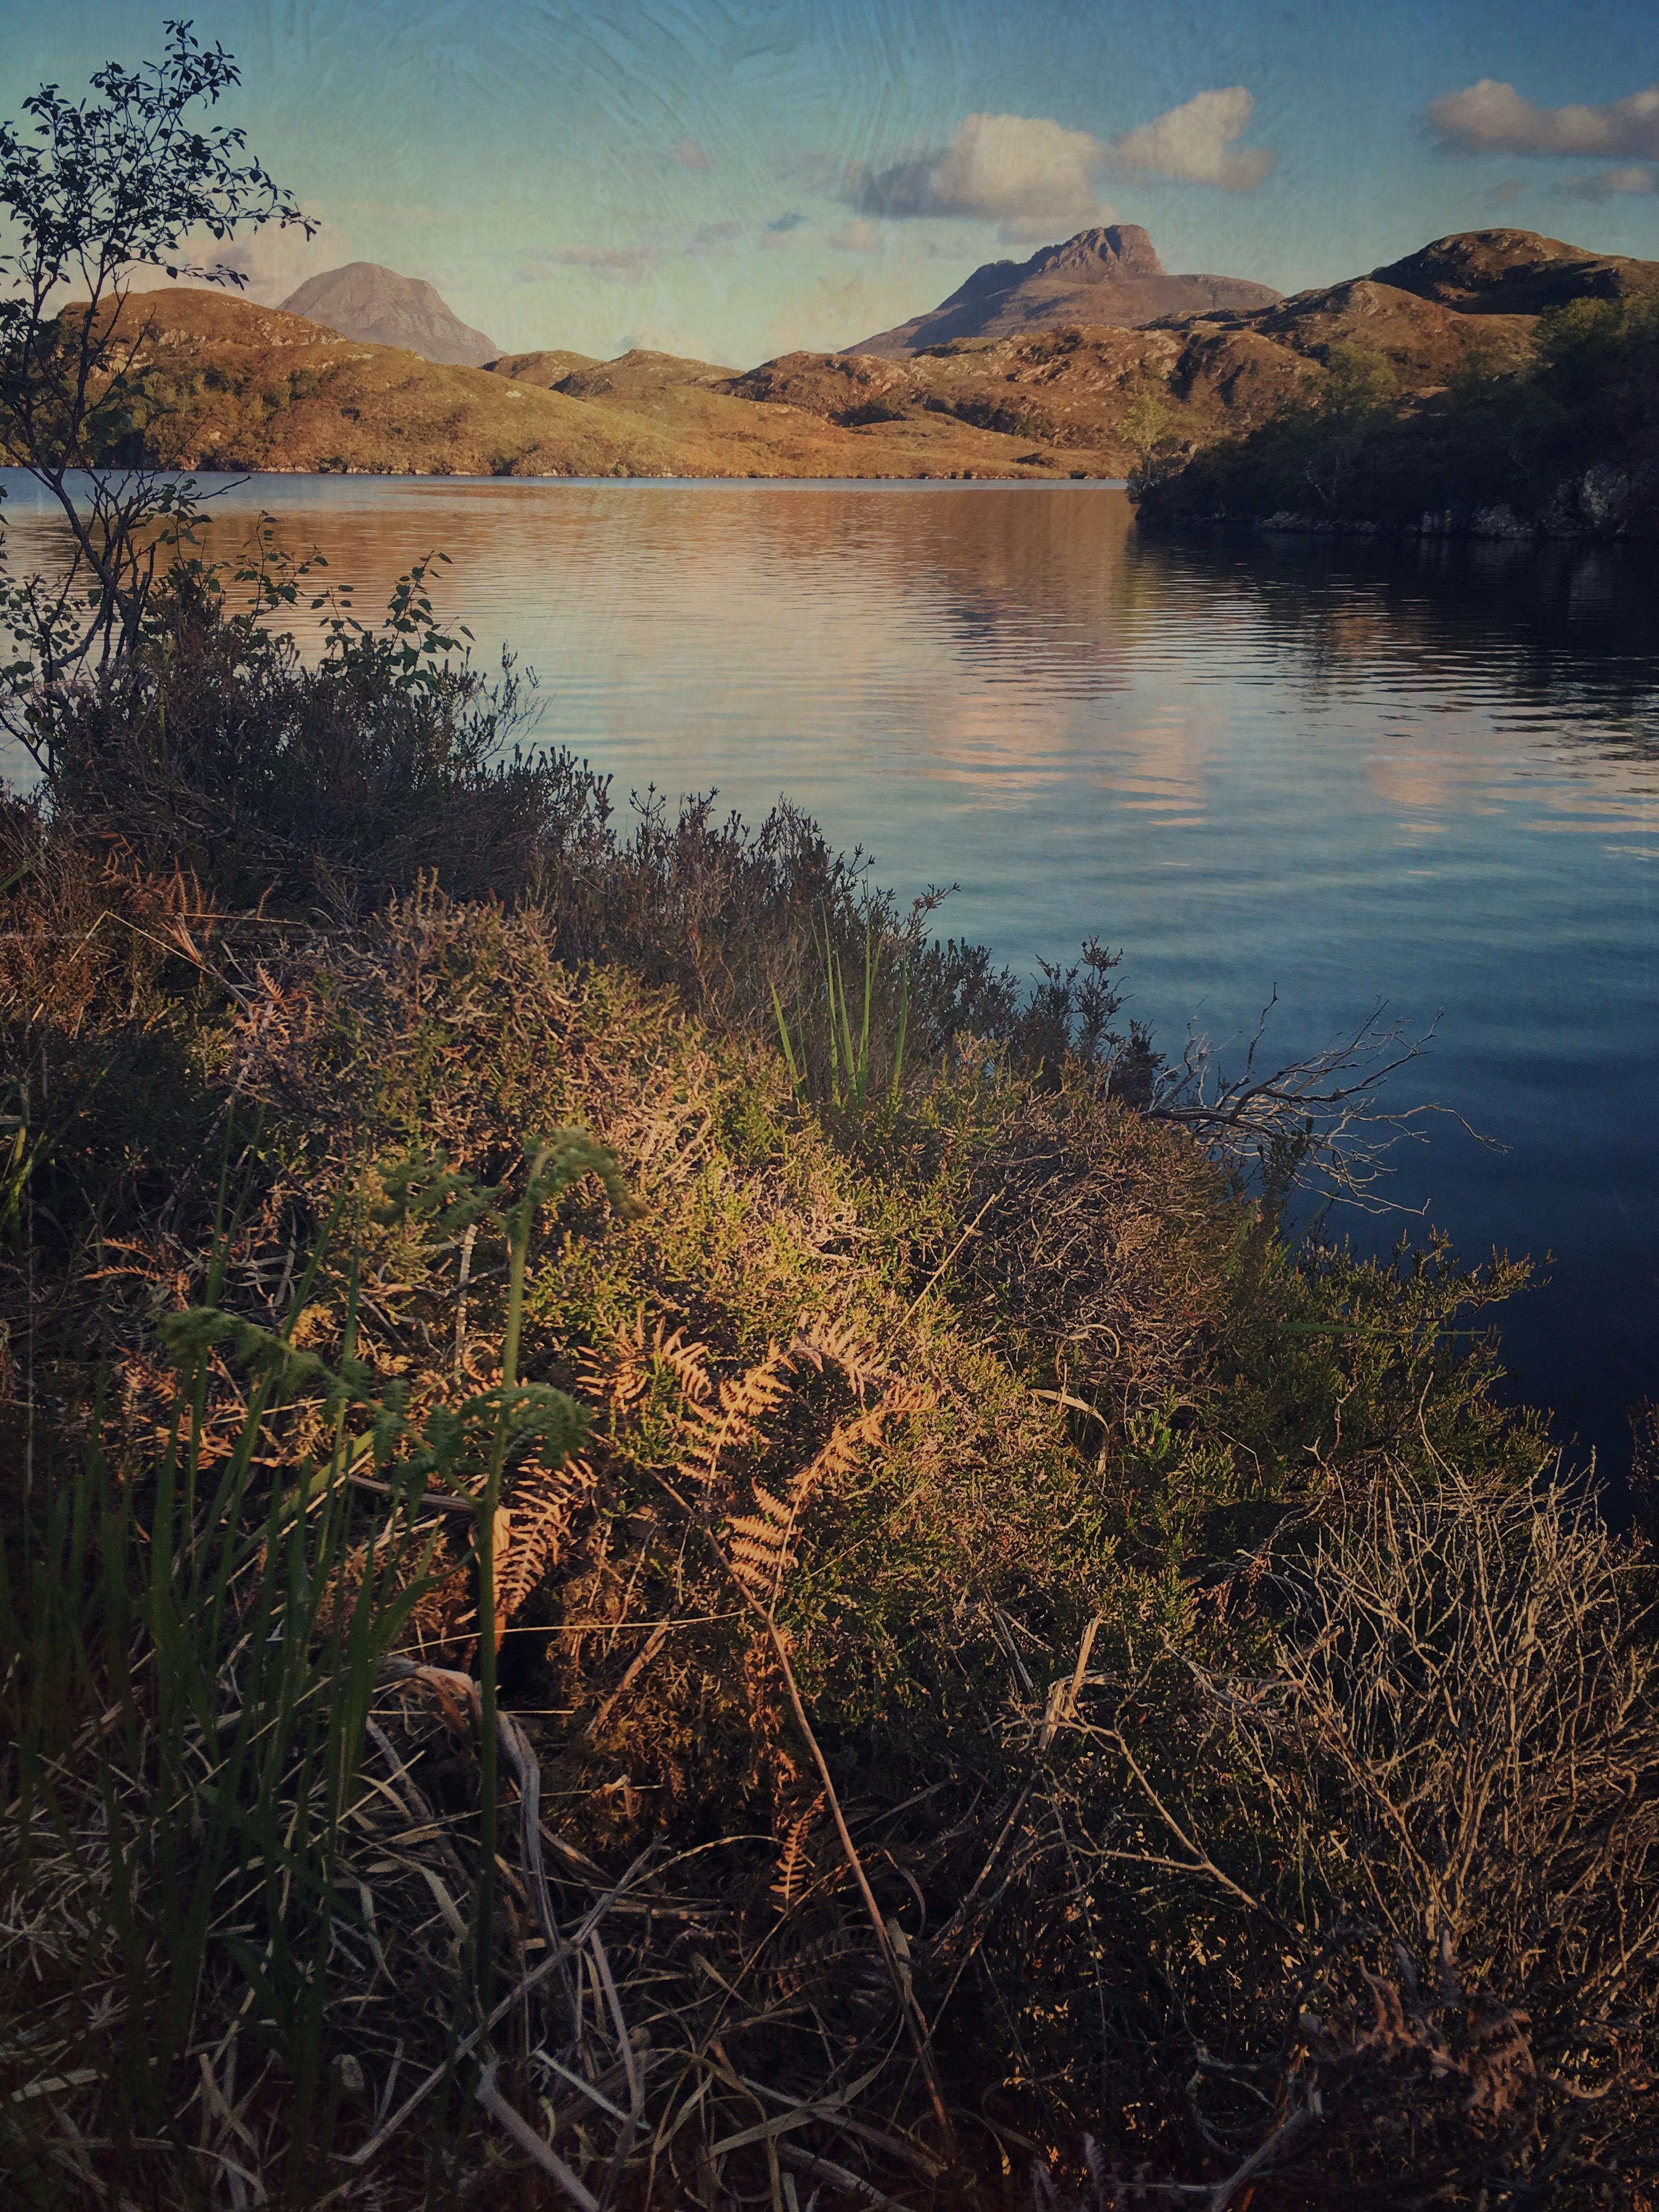 Stac Pollaidh, Coigach, Sutherland